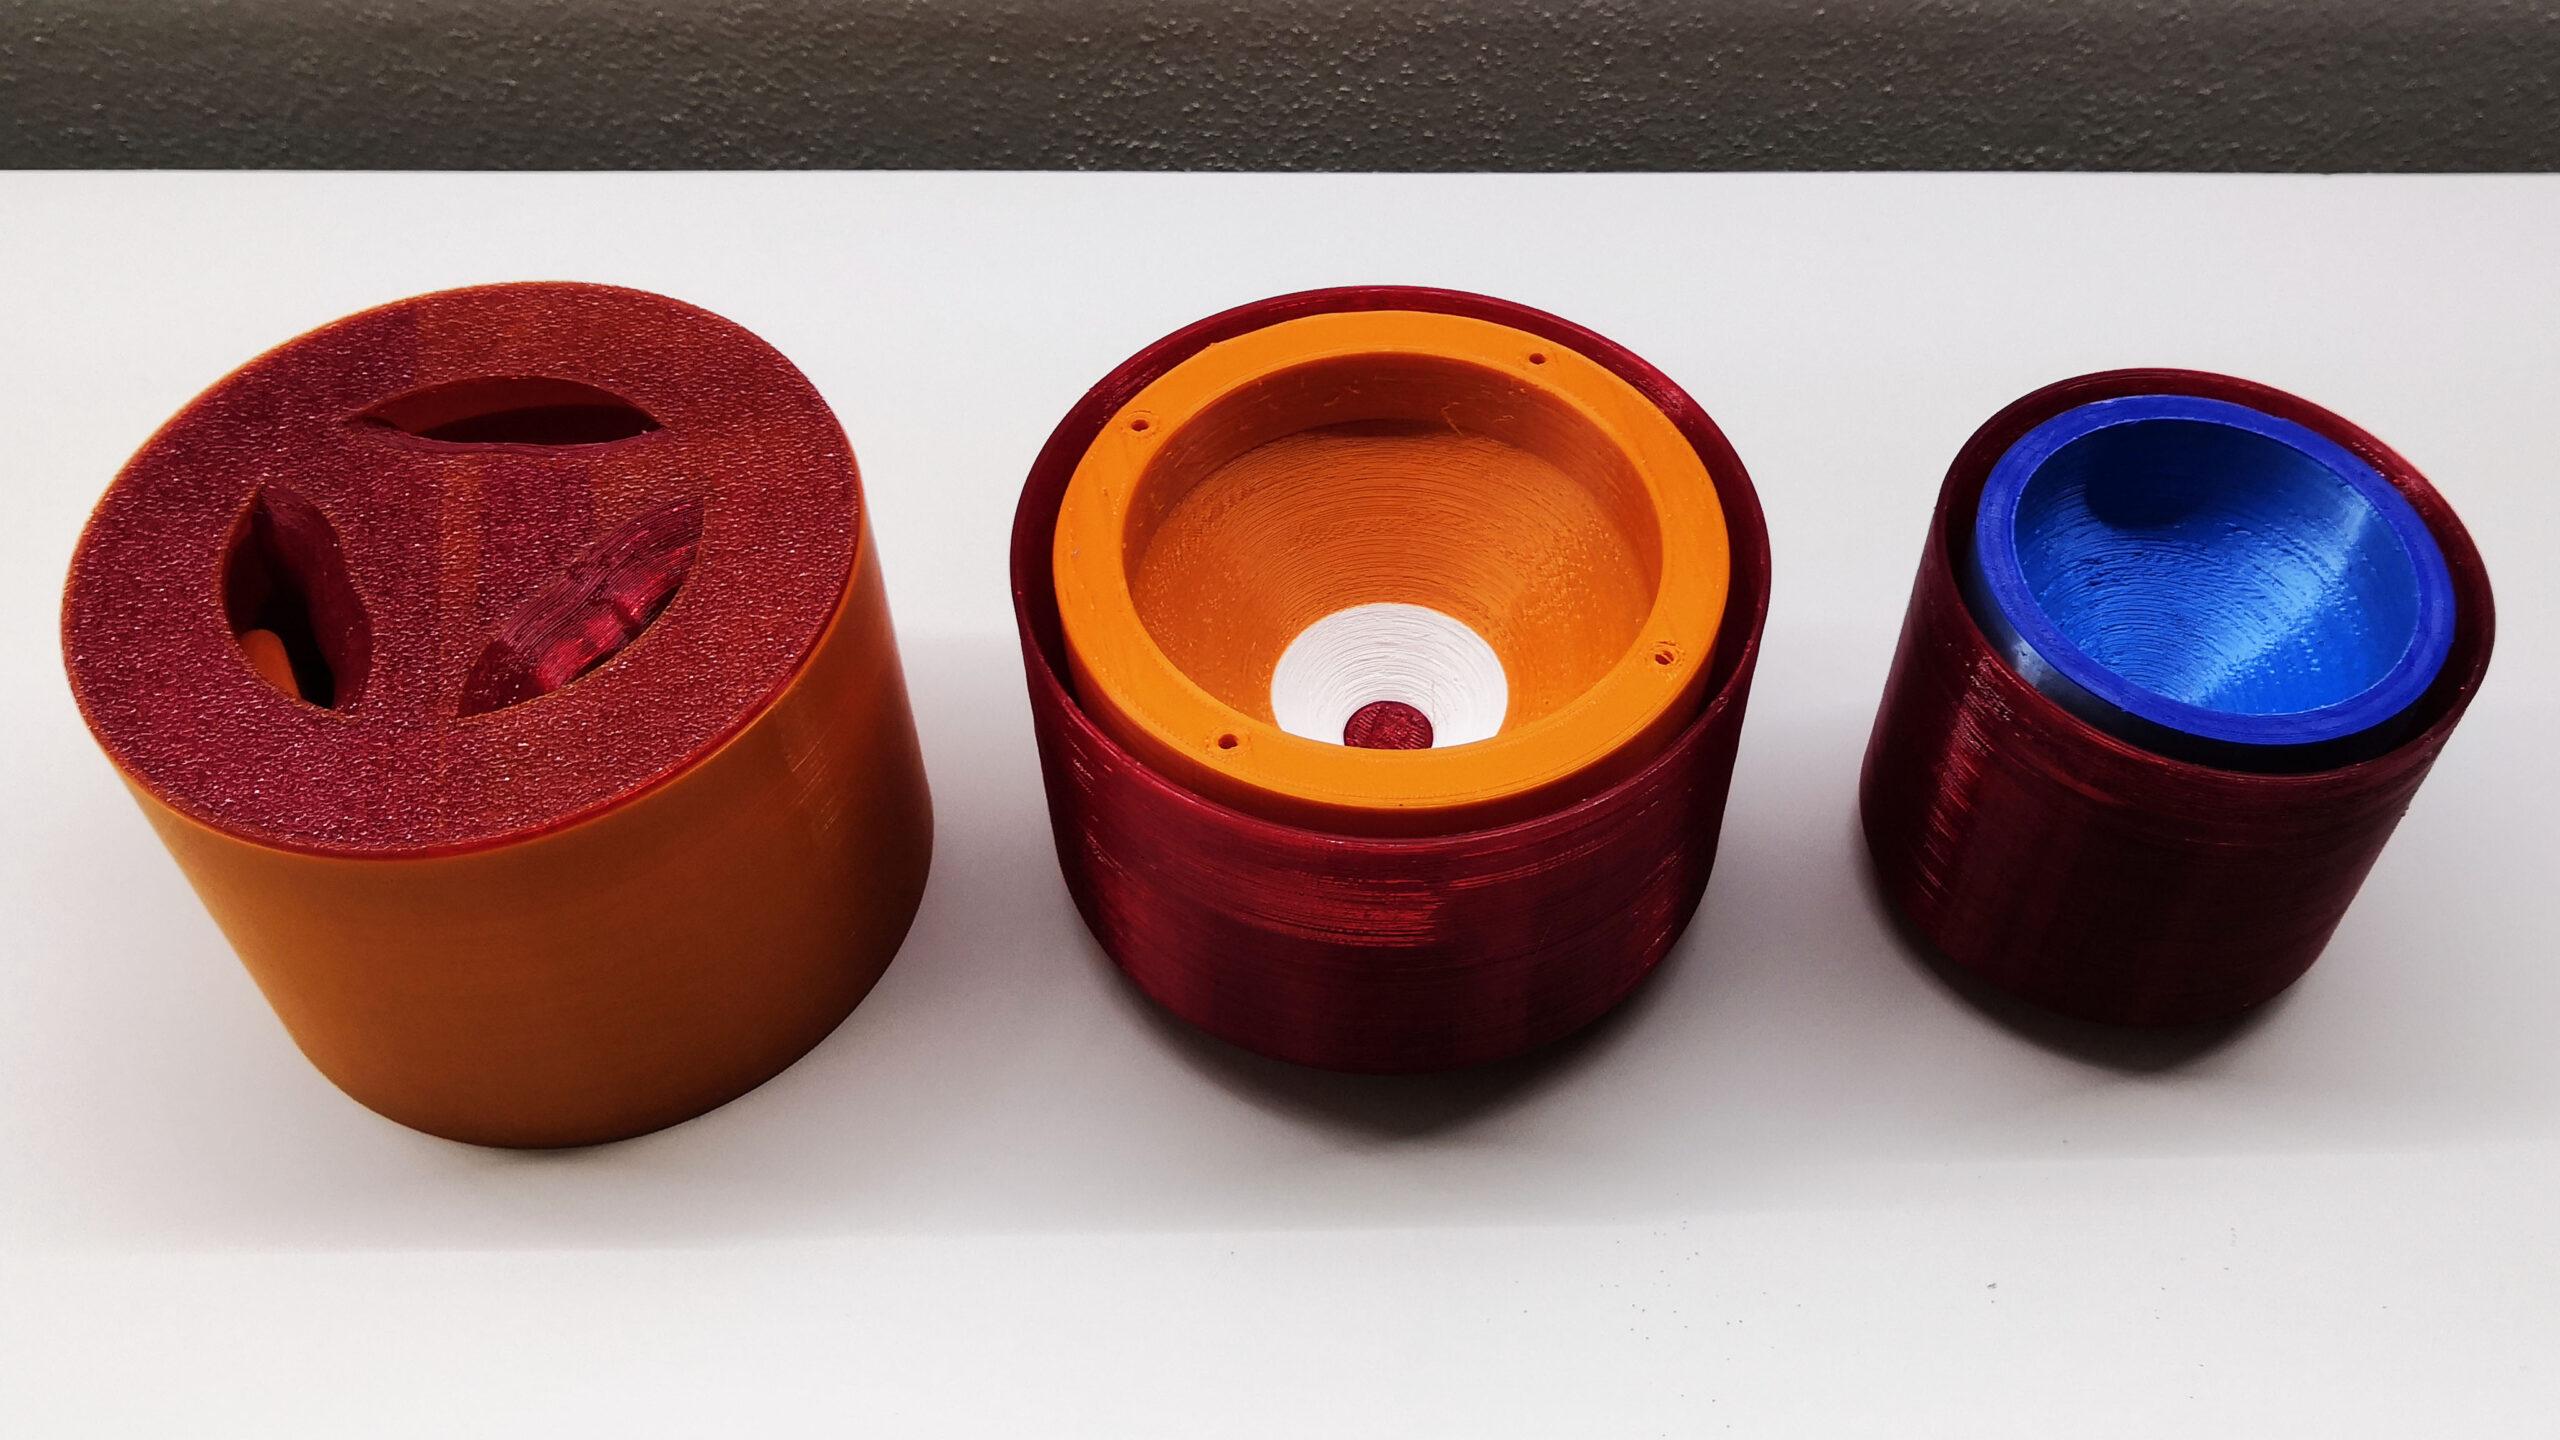 Výtisk formy pro odlévání silikonu